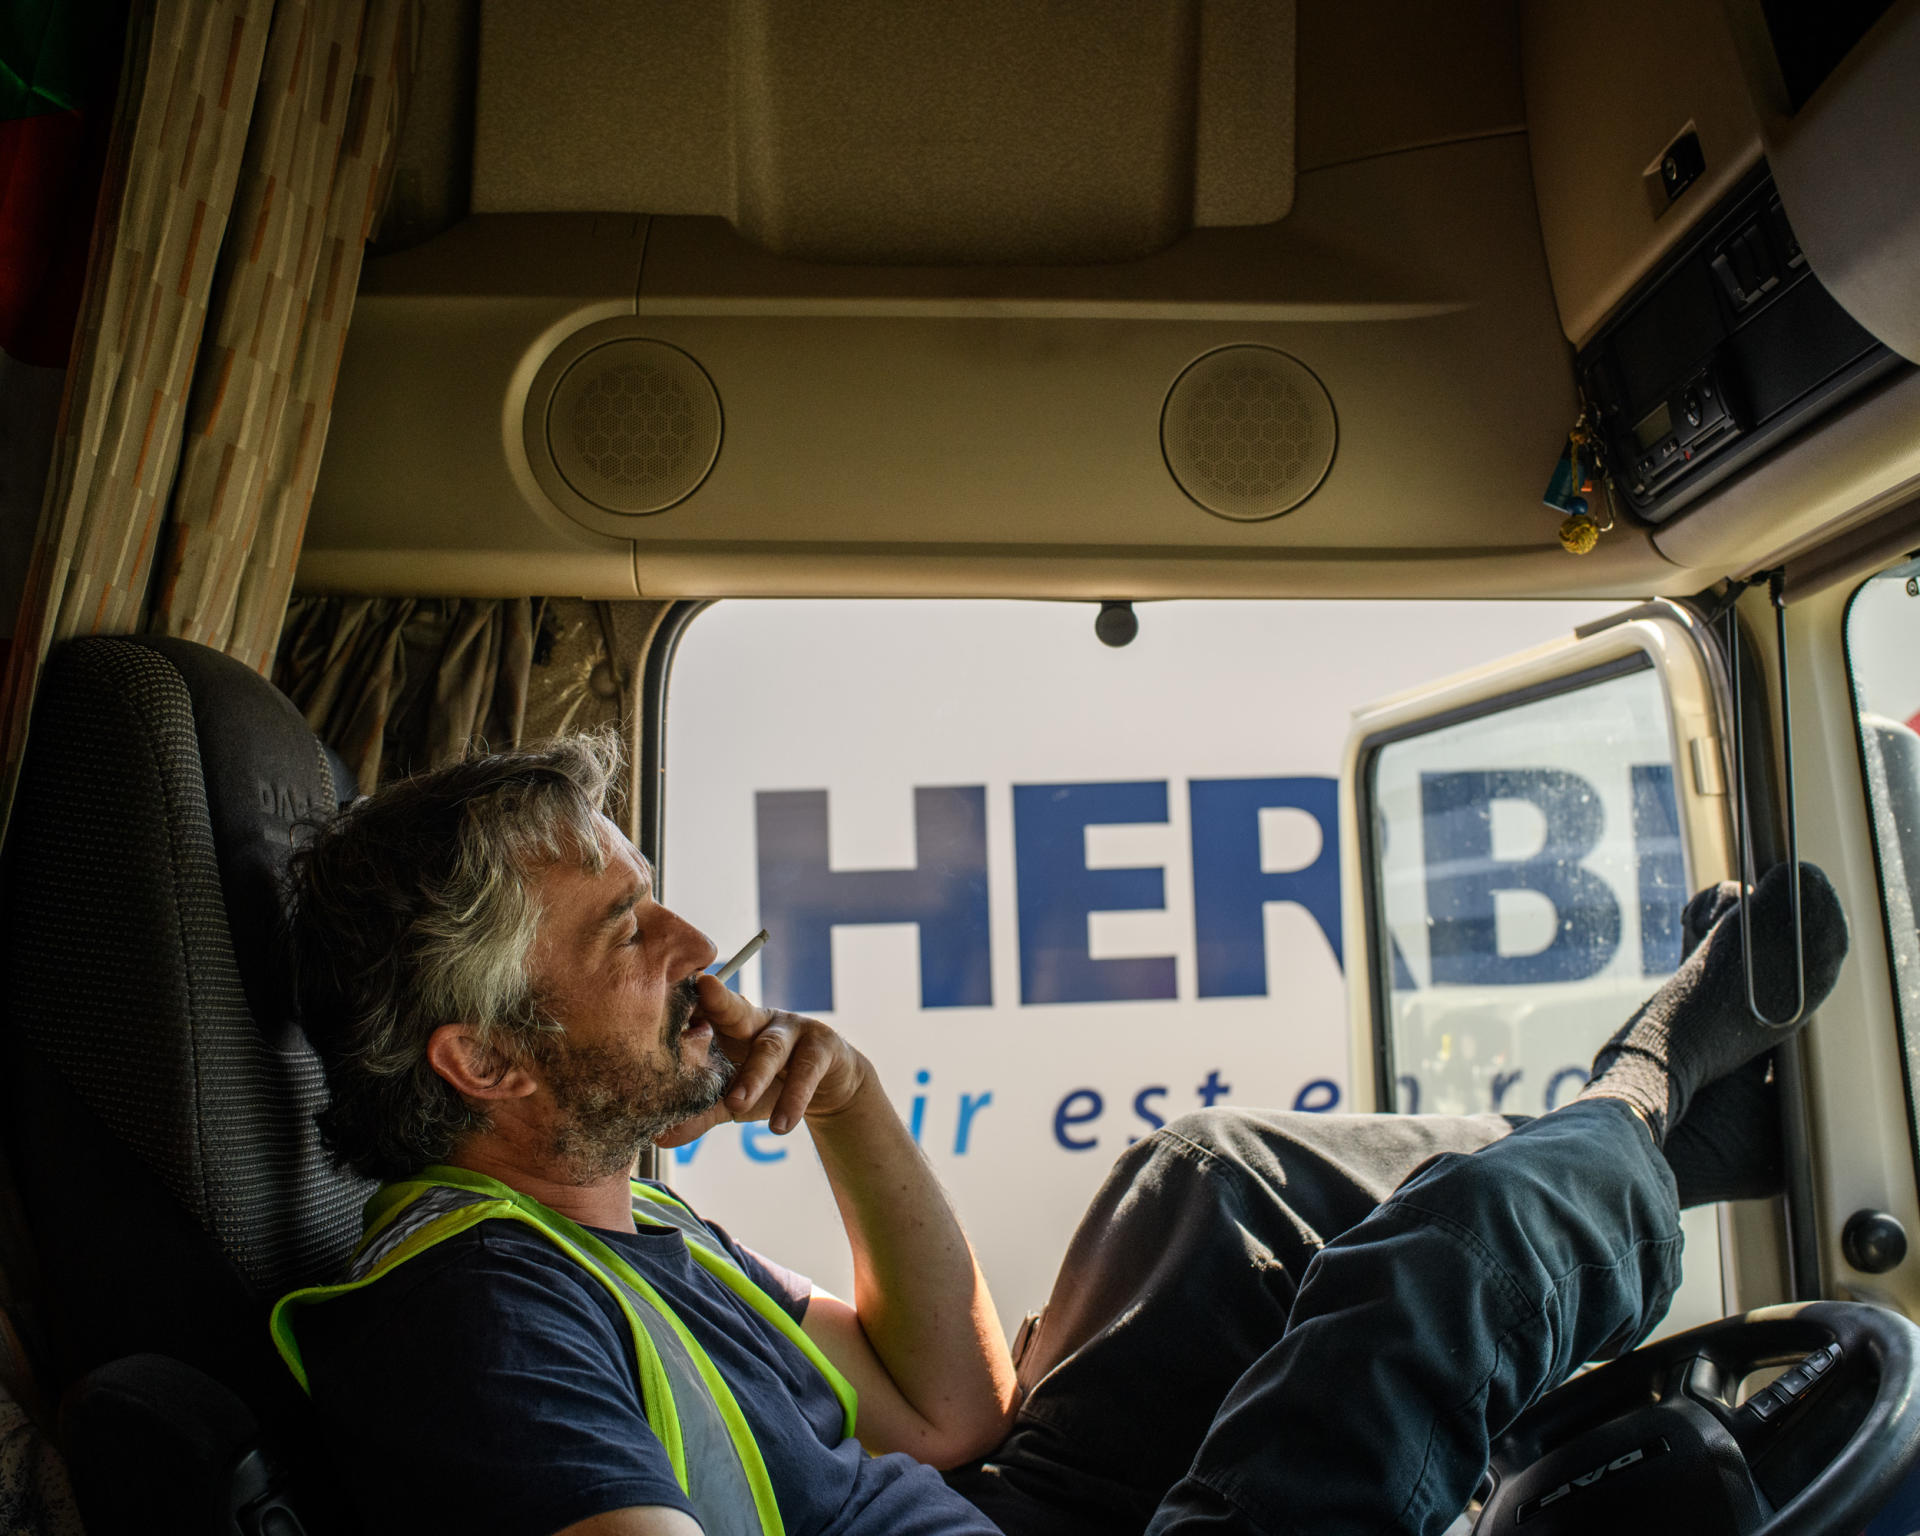 Le 22 avril, Pierre Audet, chauffeur routier, attend sur le parking de la société FM de plate-forme logistique alimentaire, à Fontenay-Trésigny (Seine-et-Marne), de livrer 25tonnes d'huiles.